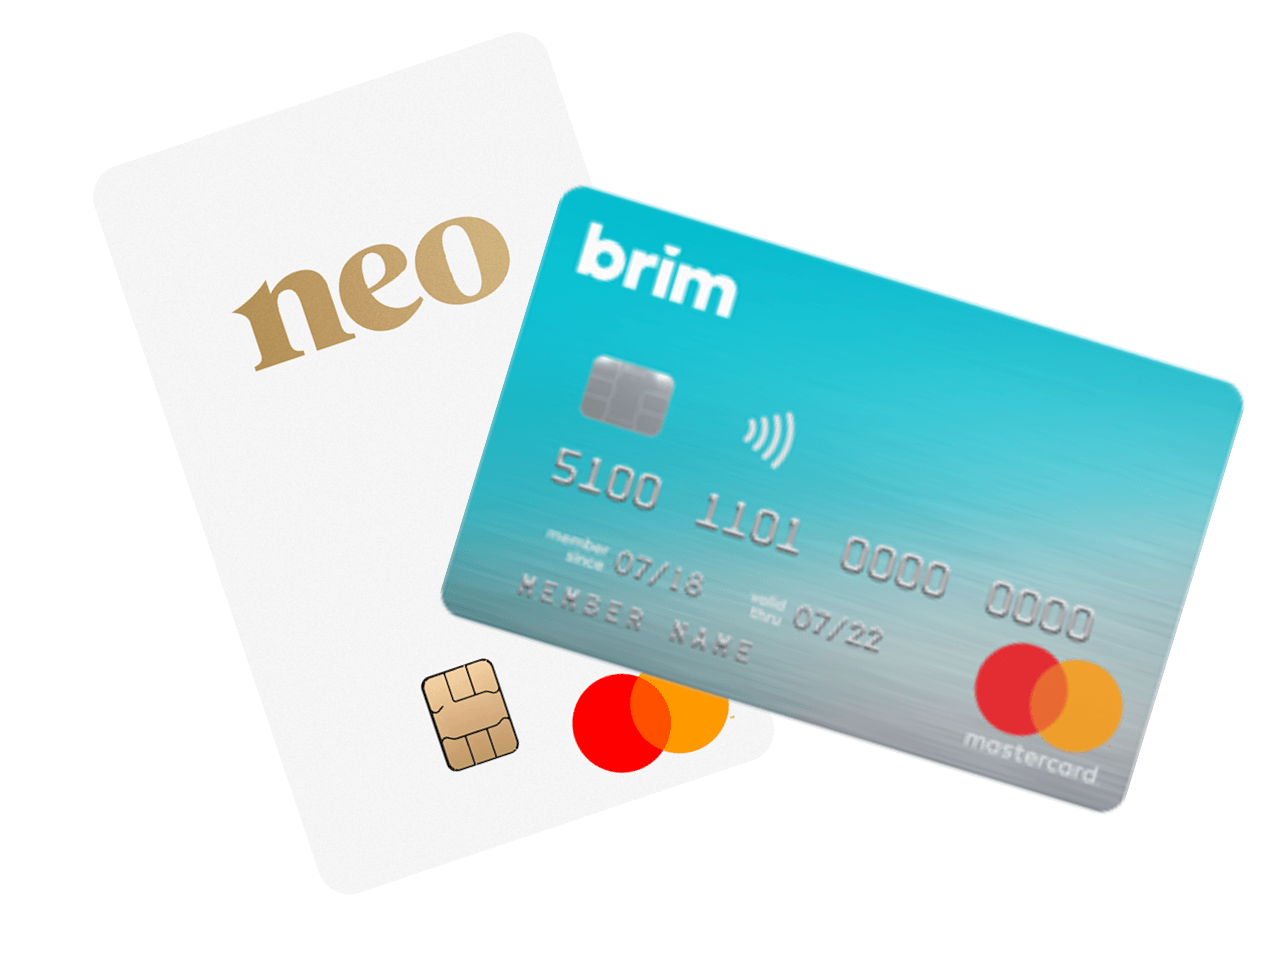 Brim Financial vs. Neo Financial